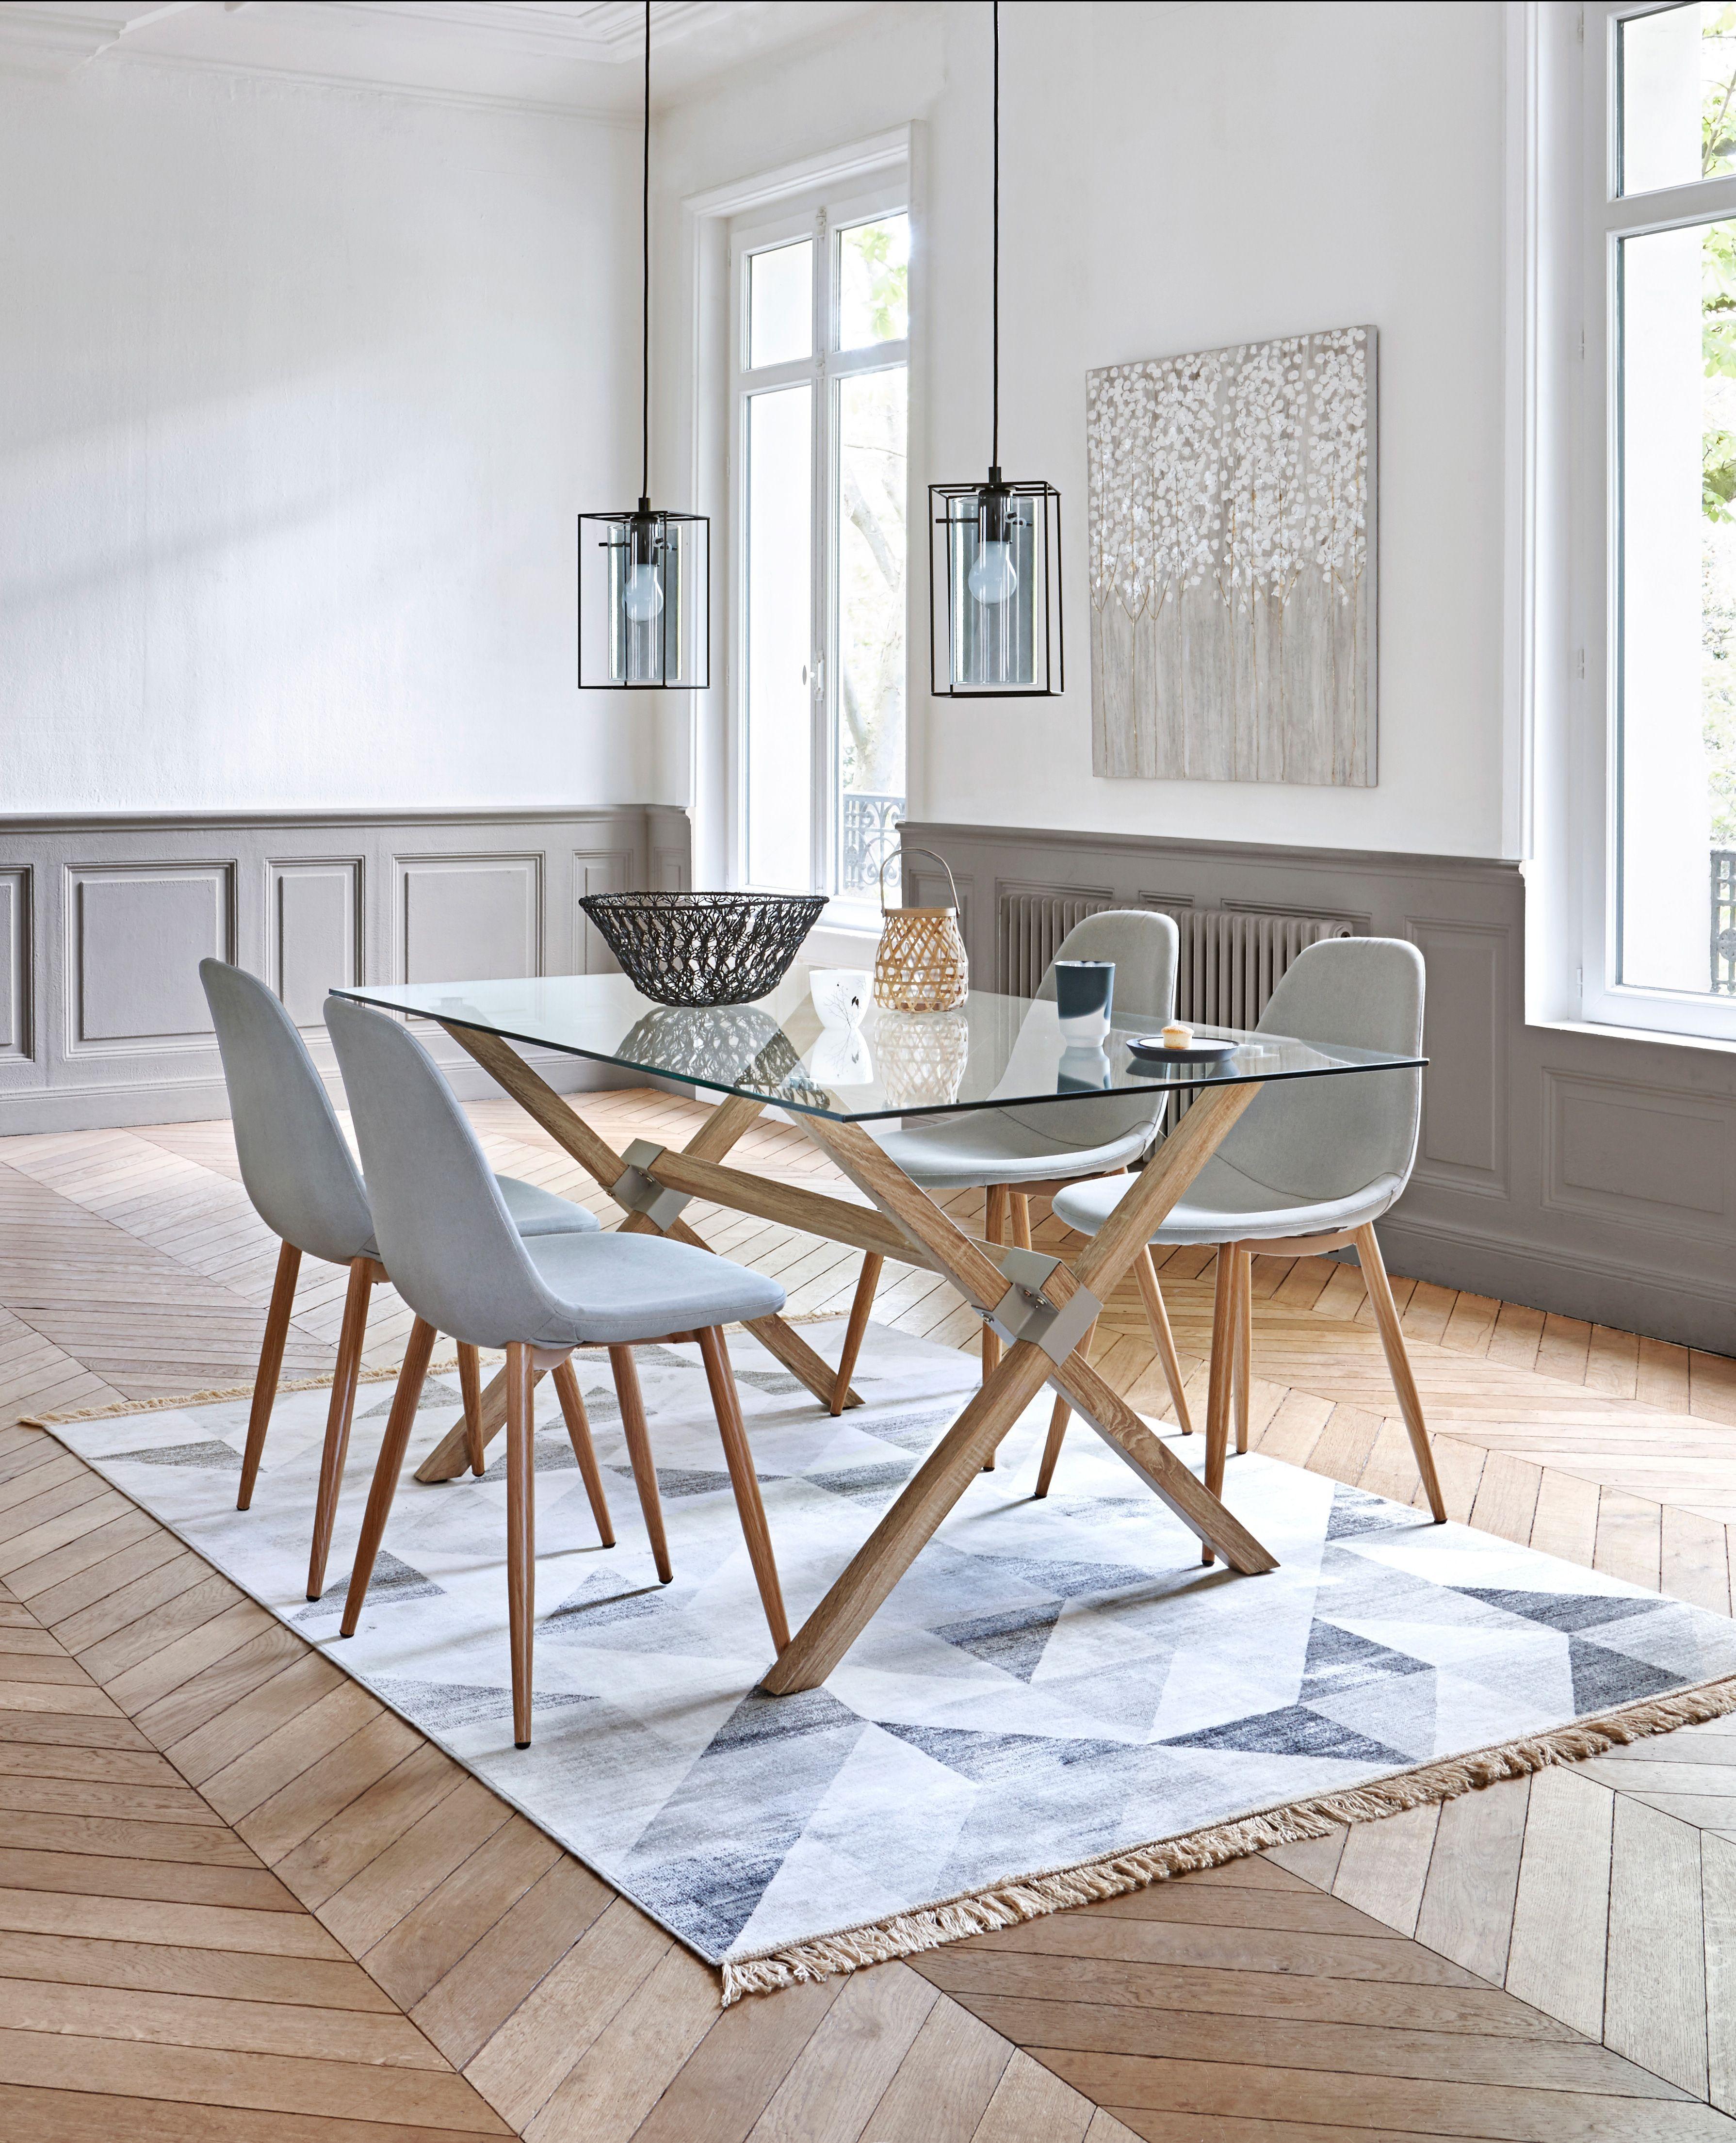 Meuble Vasque Salle De Bain but Frais Photos Magasin De Meubles but Avec Chaise Moderne Avec Table Rustique